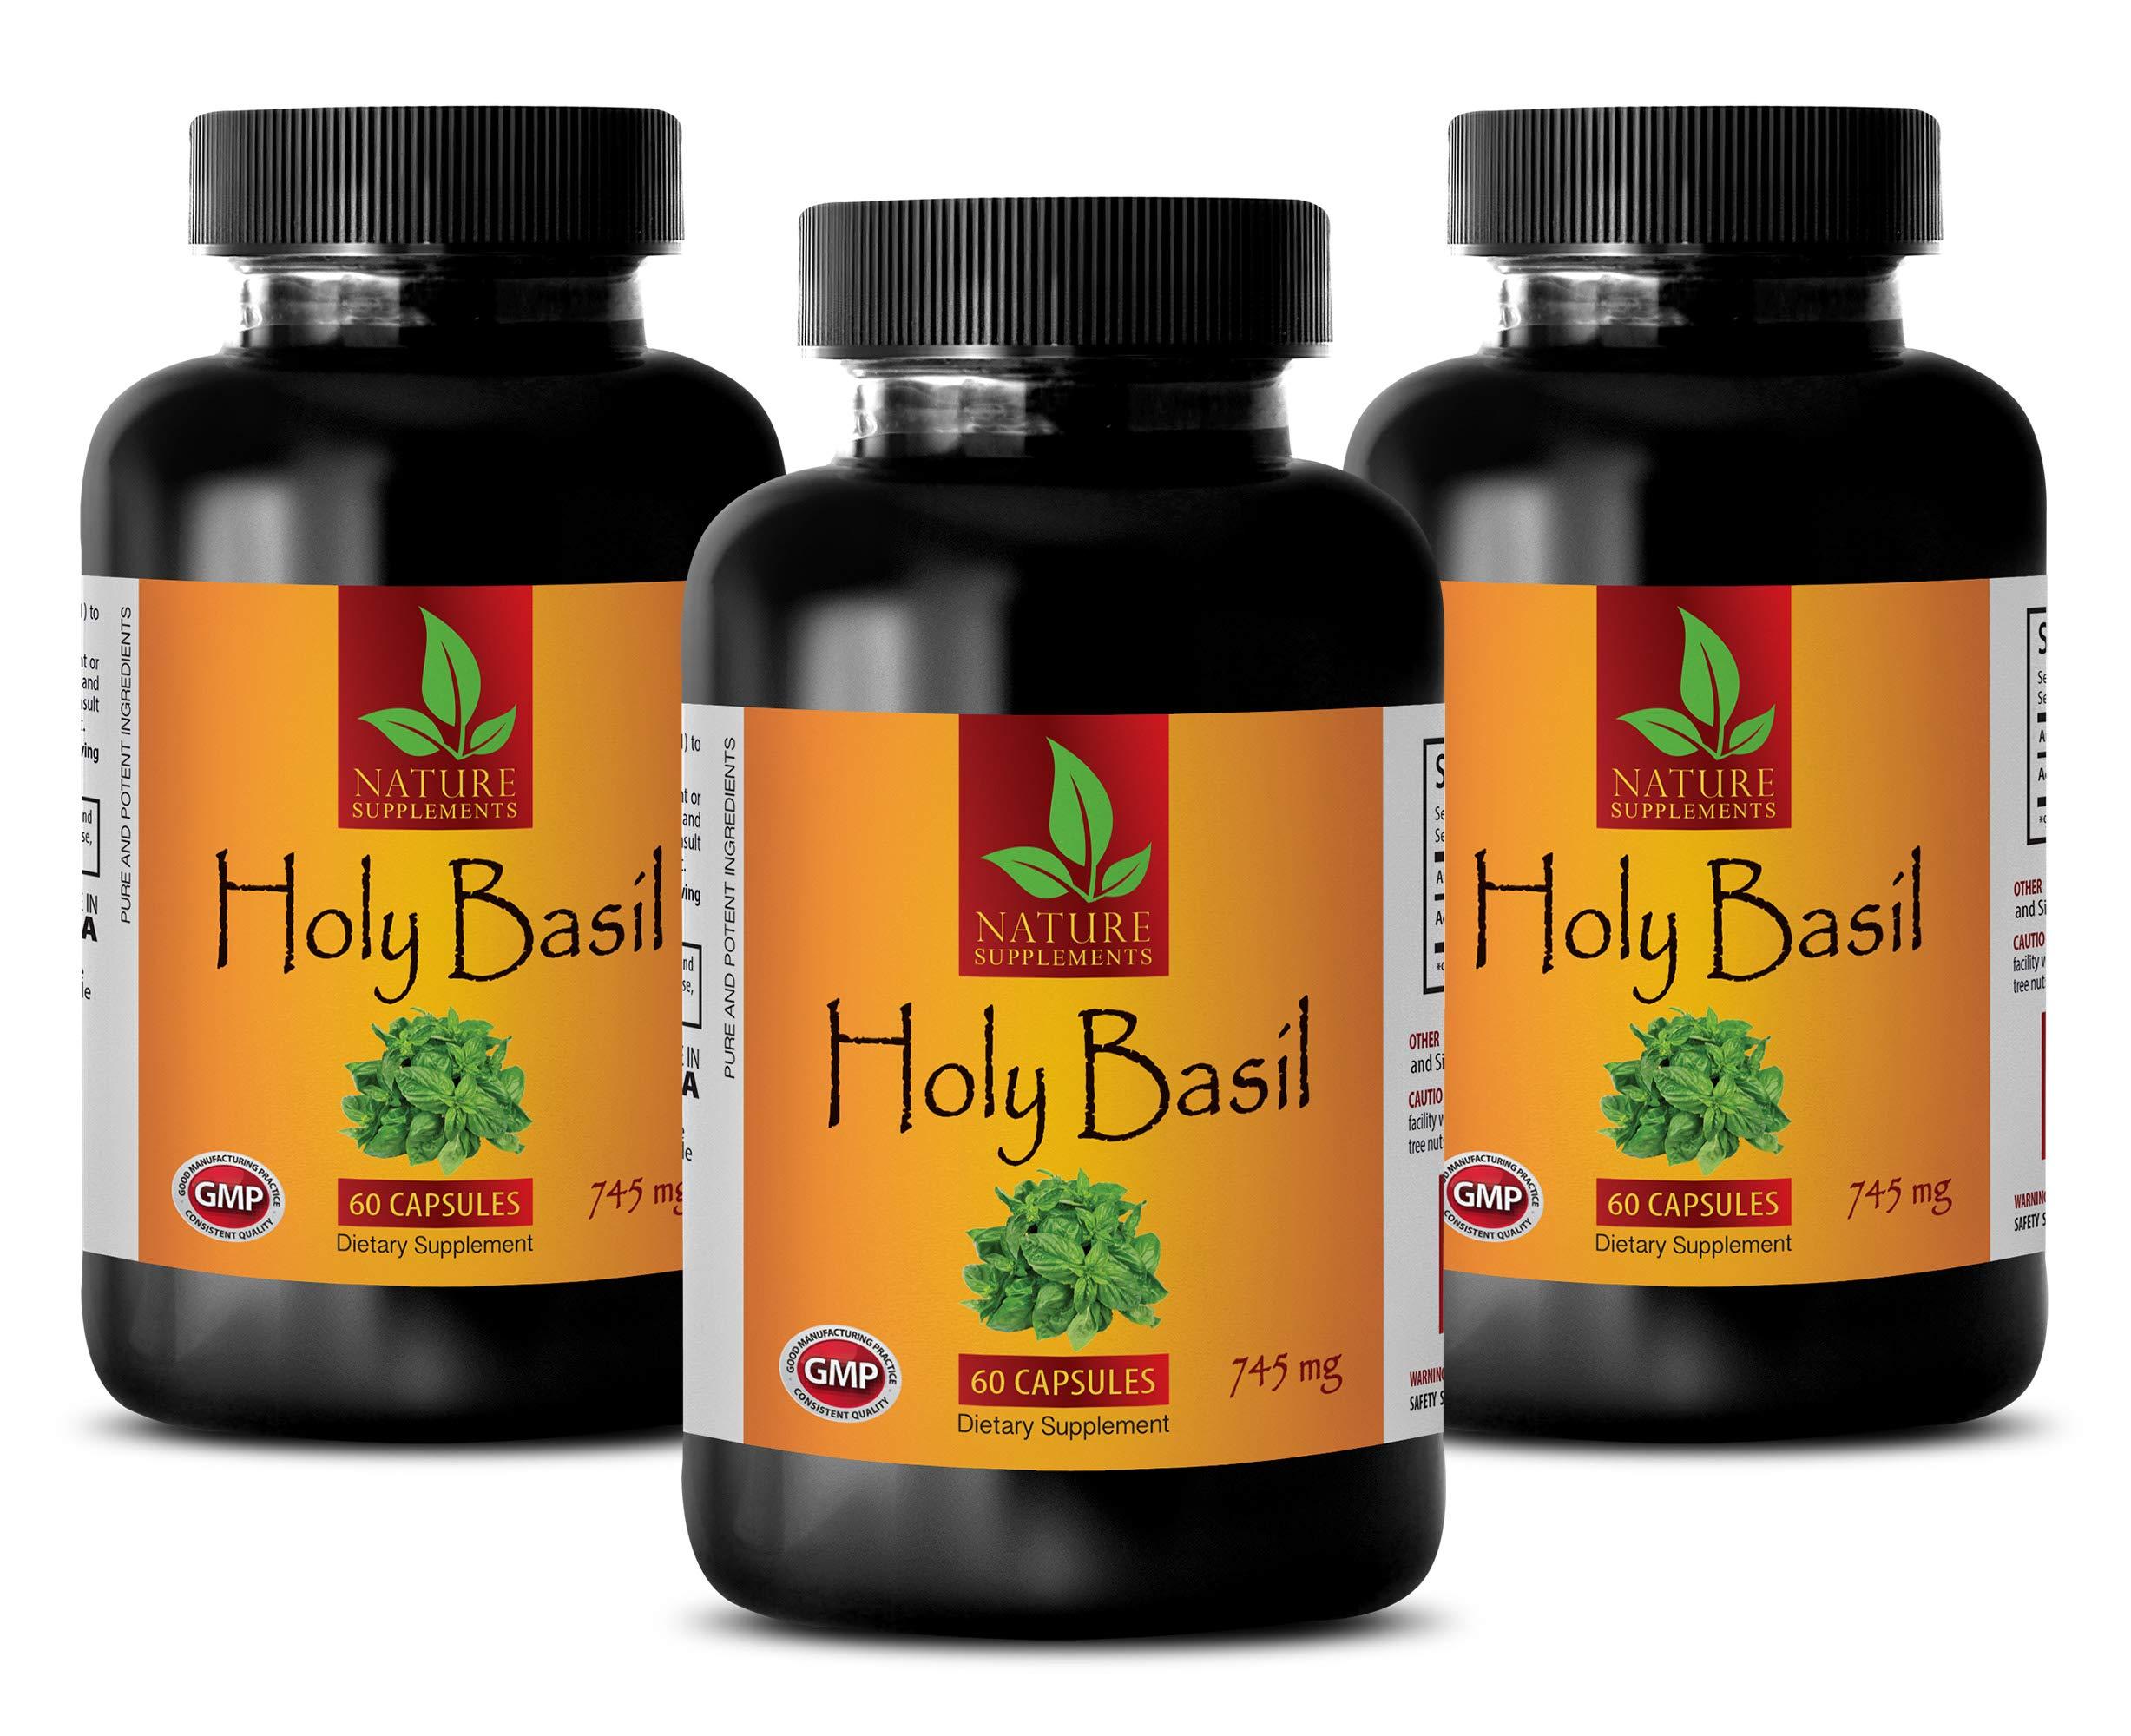 Cholesterol Balance - HOLY Basil 745MG - TULSI Extract - holy Basil Wild Harvest - 3 Bottles (180 Capsules)